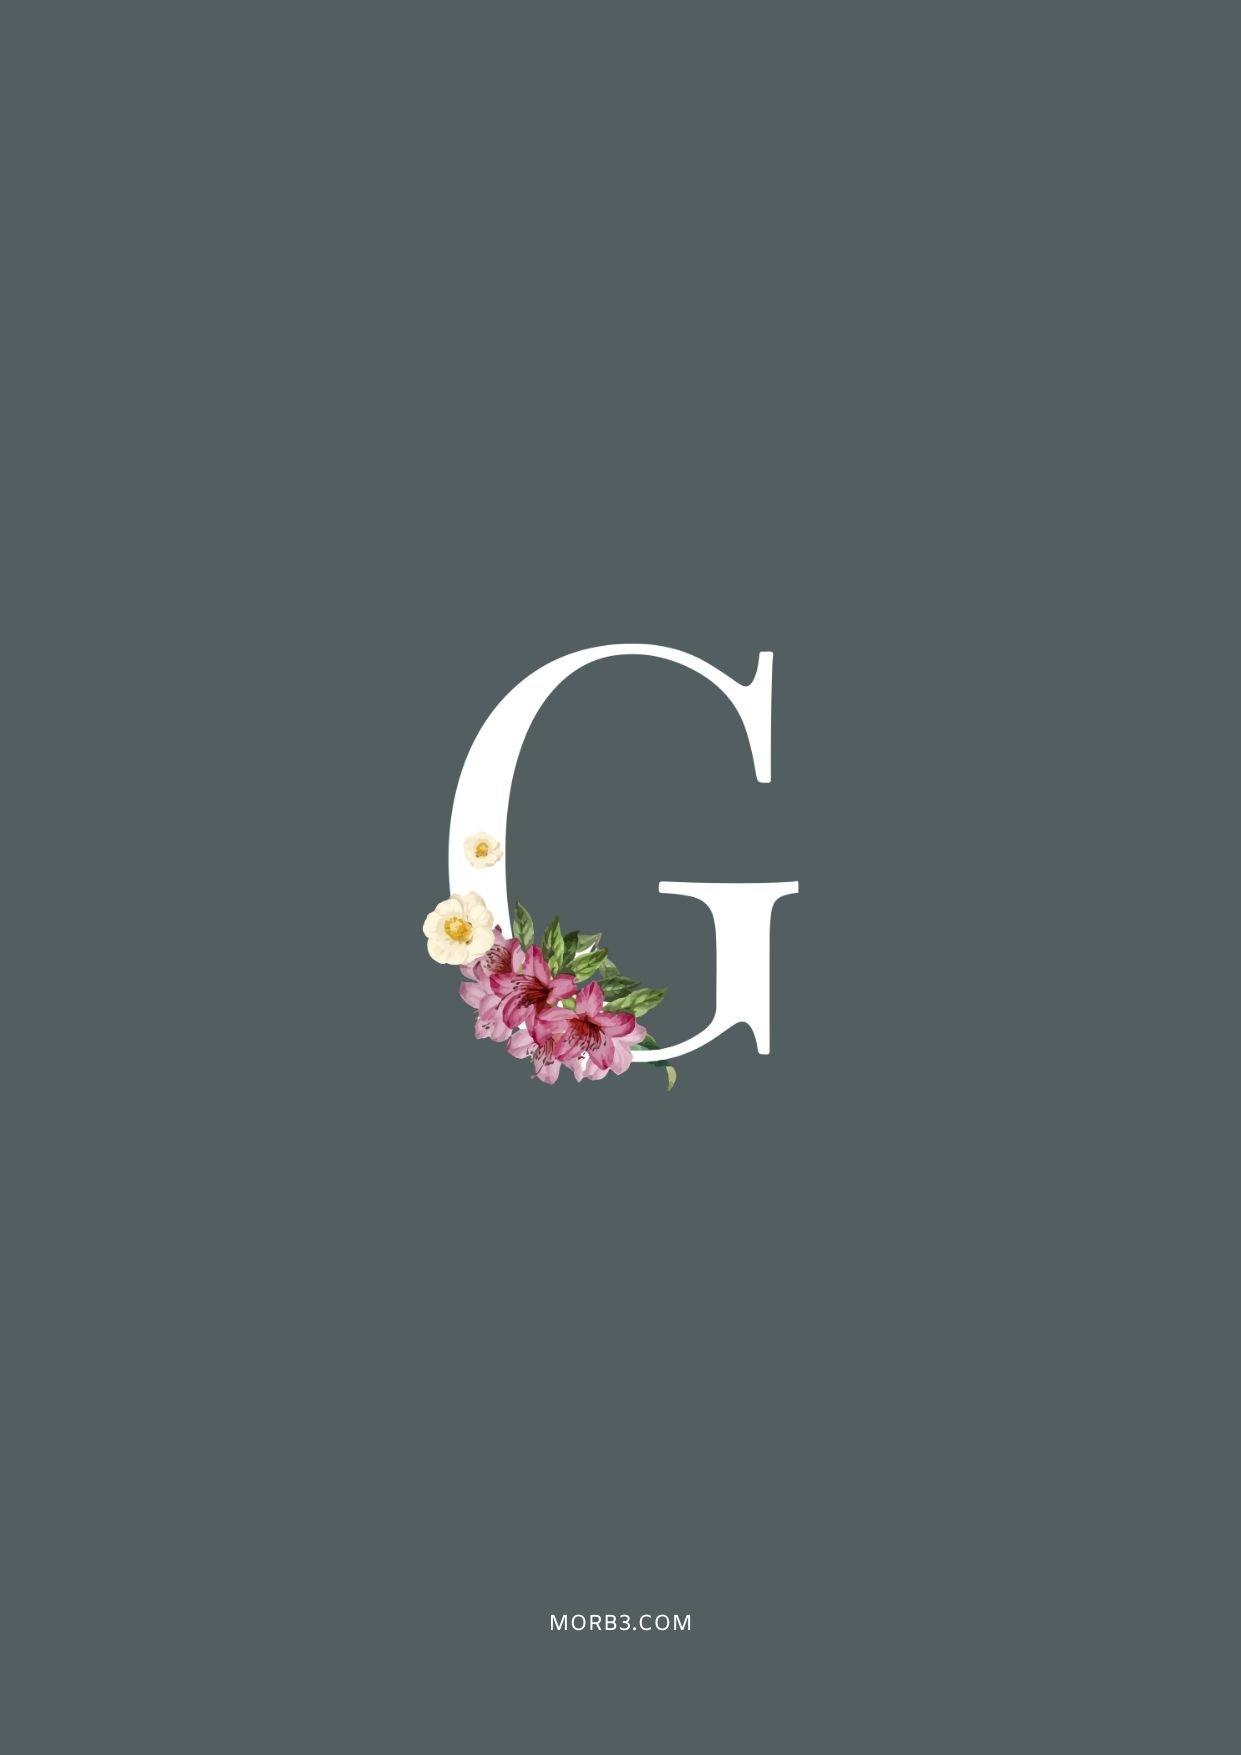 صور حرف G خلفيات حرف G خلفيات حرف G رومانسية اجمل حرف G في العالم حرف G بالورد حرف G احبك حرف G في قلوب حرف G مع كلام حب خلفيات حرف